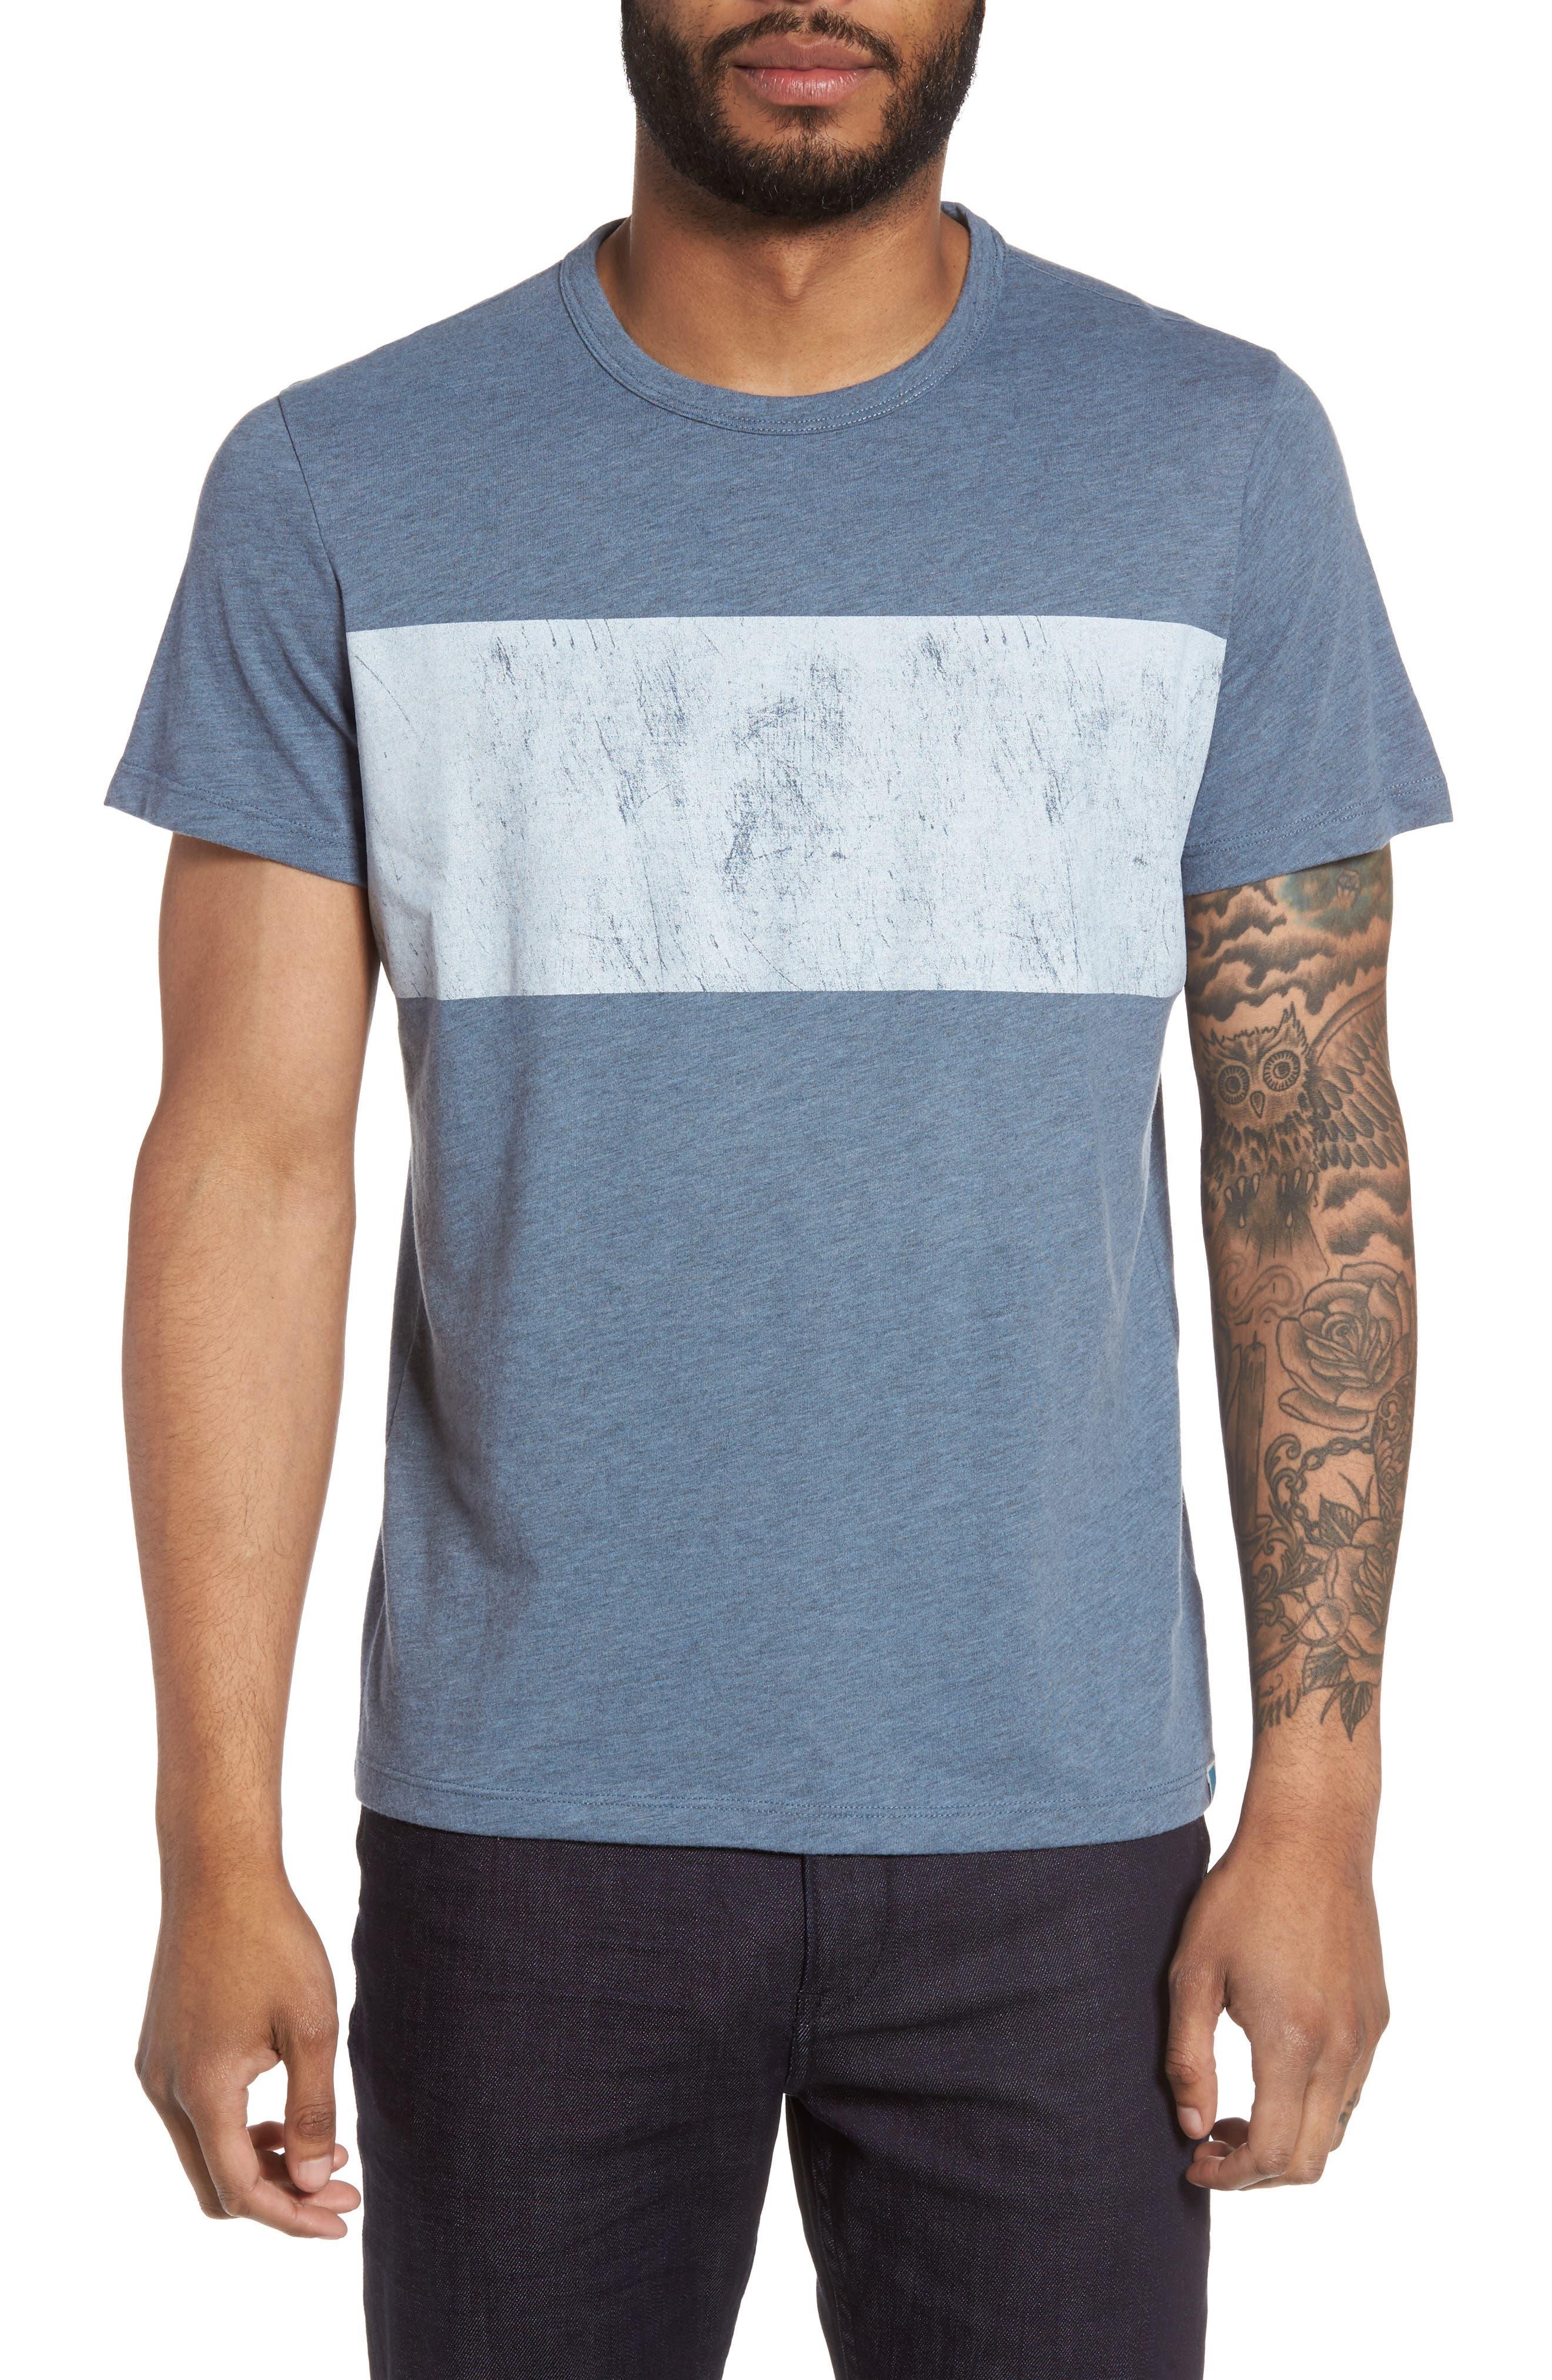 Jason Scott Distressed Print T-Shirt